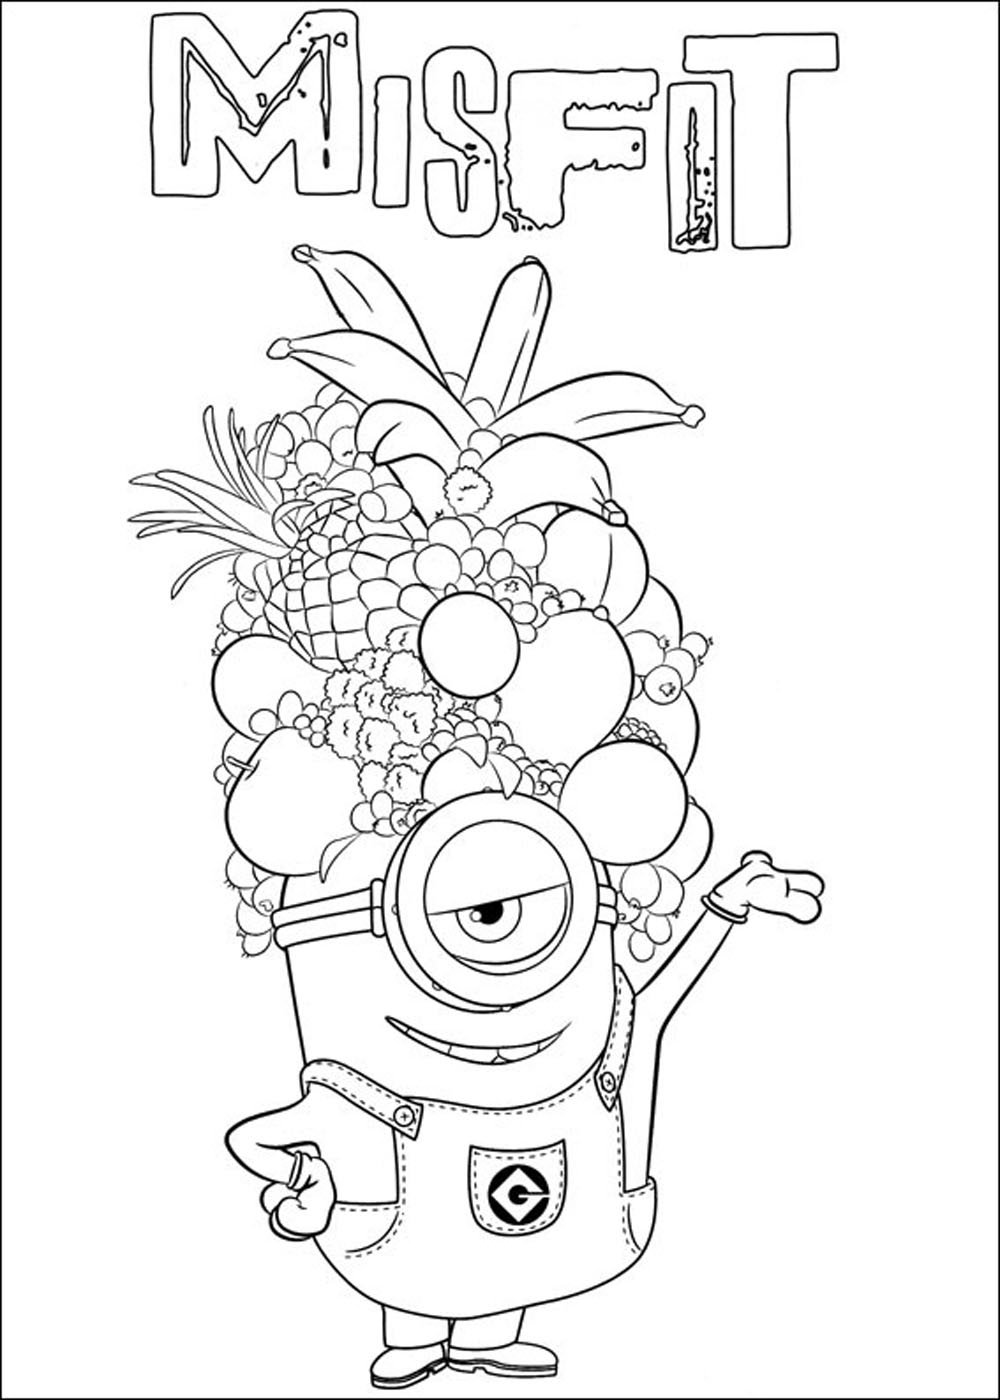 Im genes de minions para colorear dibujos de for Minion birthday coloring pages